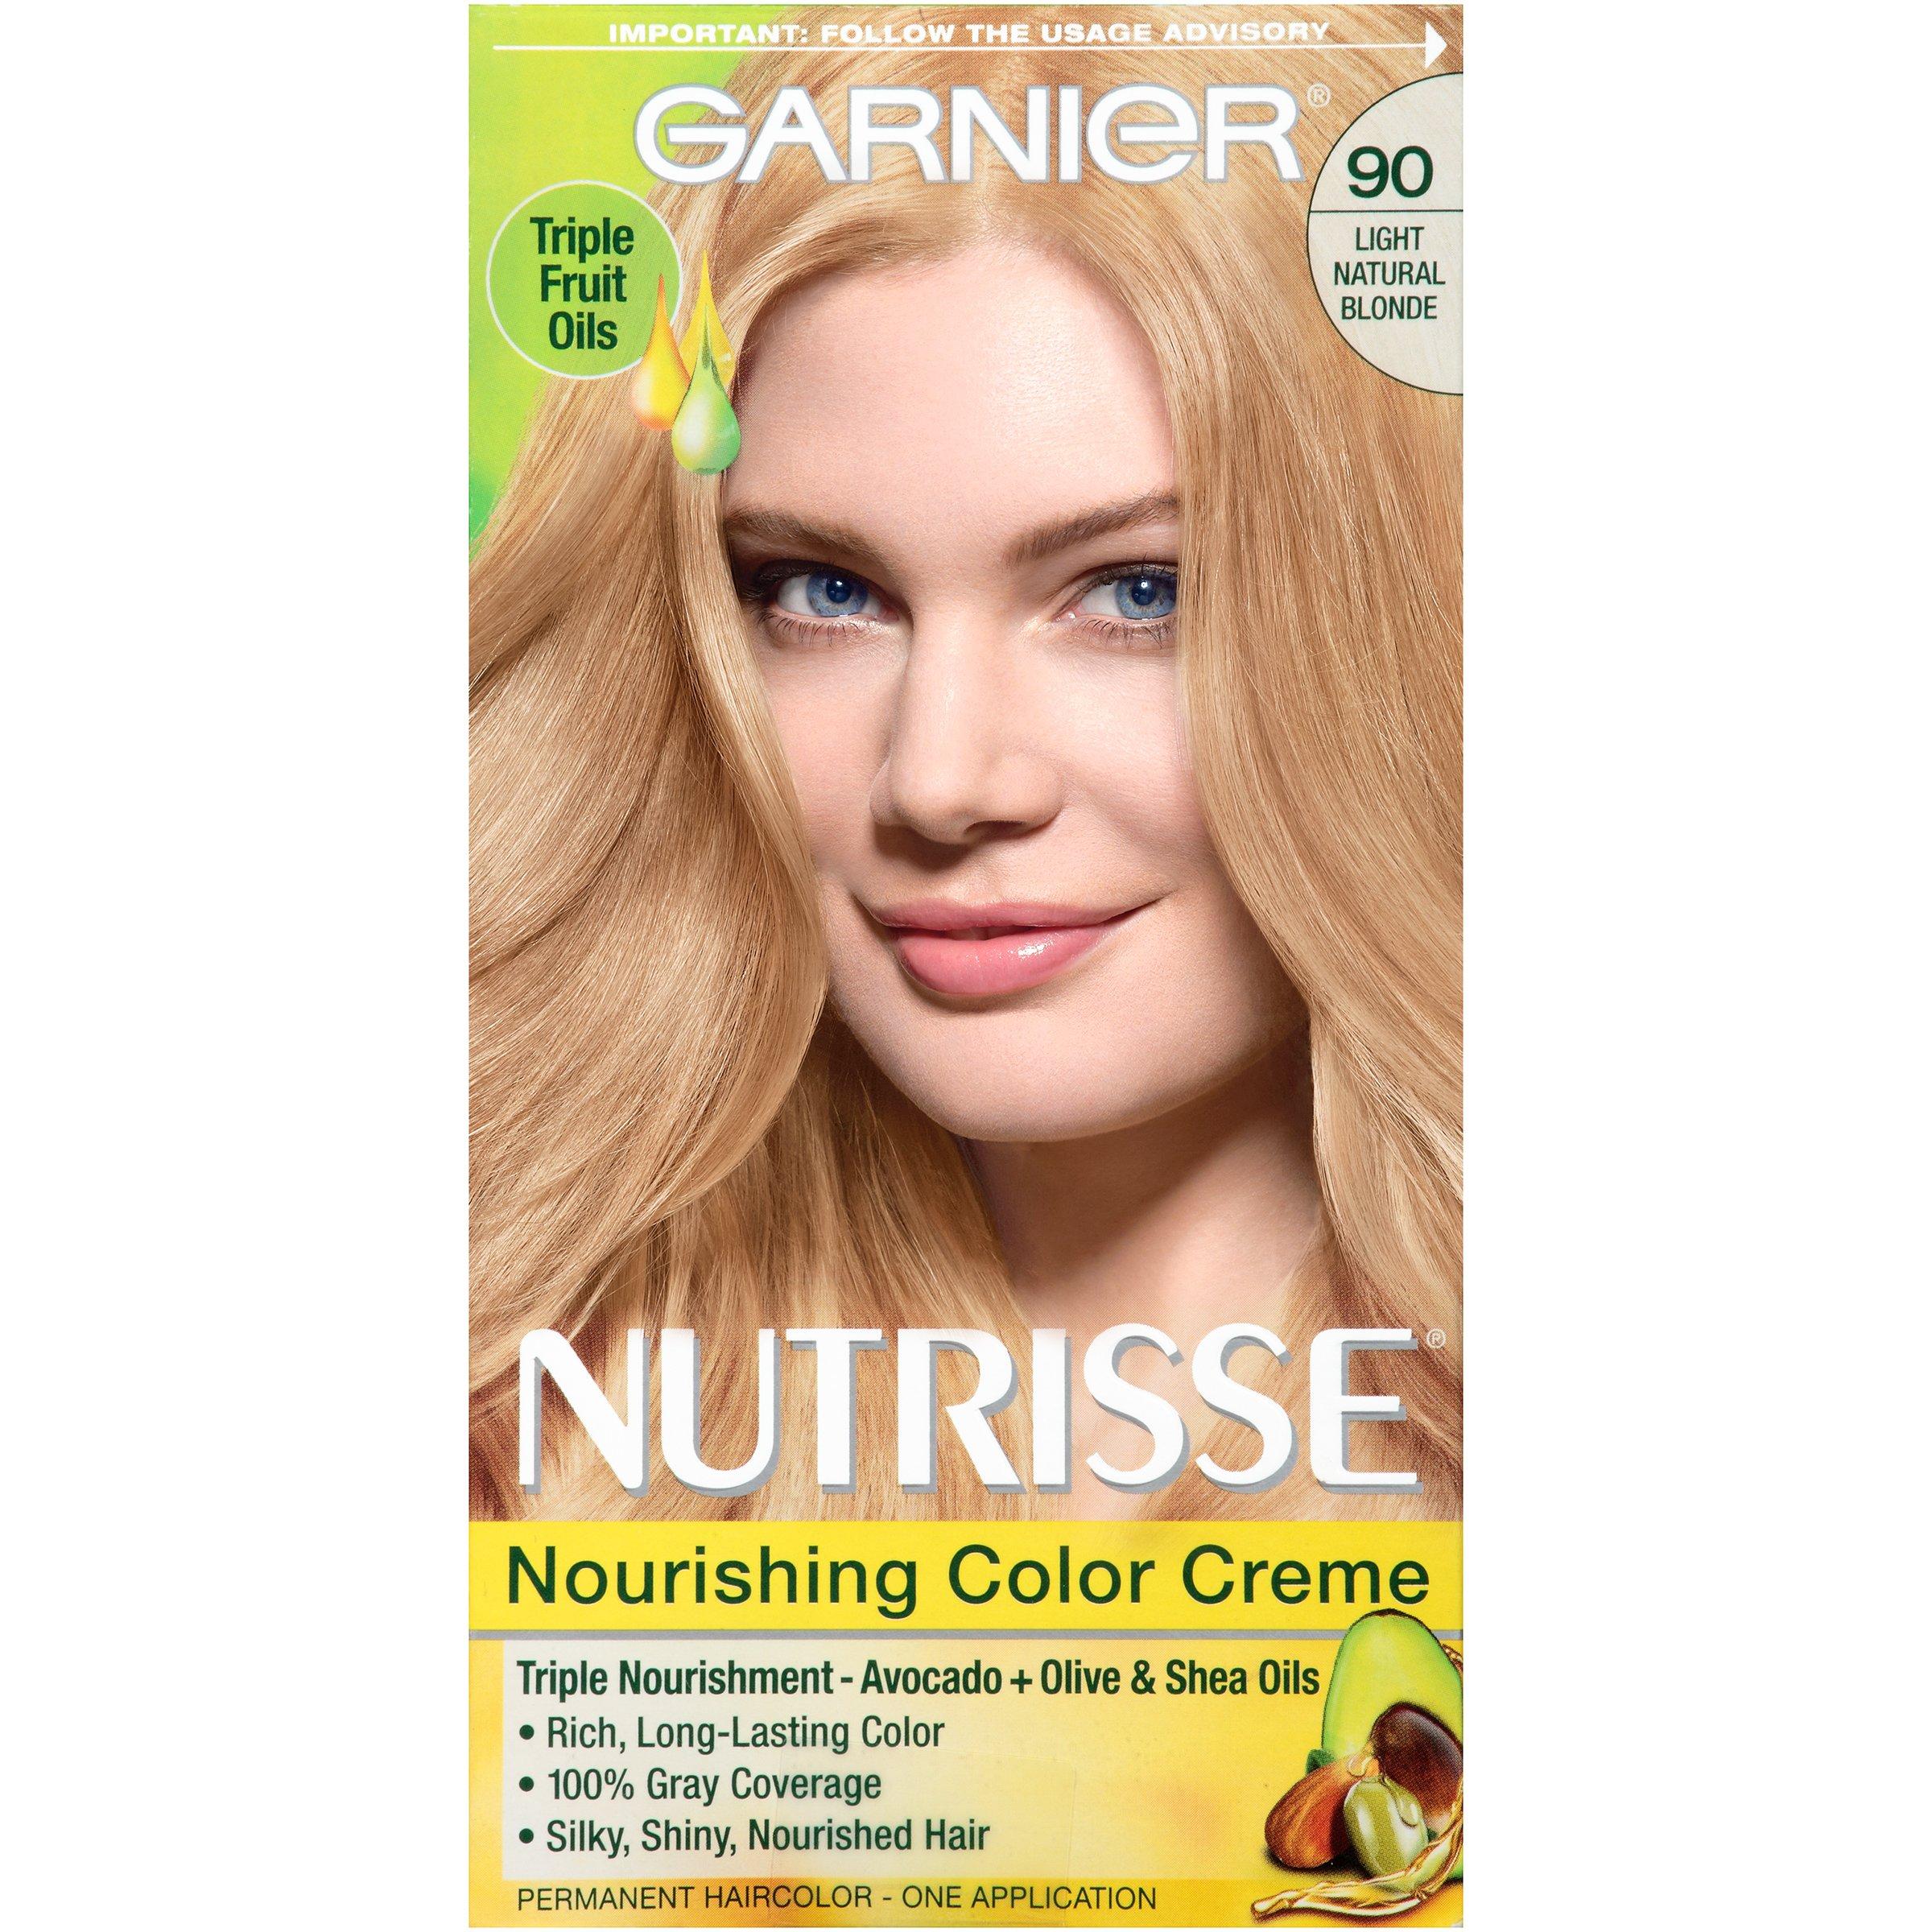 Cheap Garnier Nutrisse Hair Color Coupon Find Garnier Nutrisse Hair